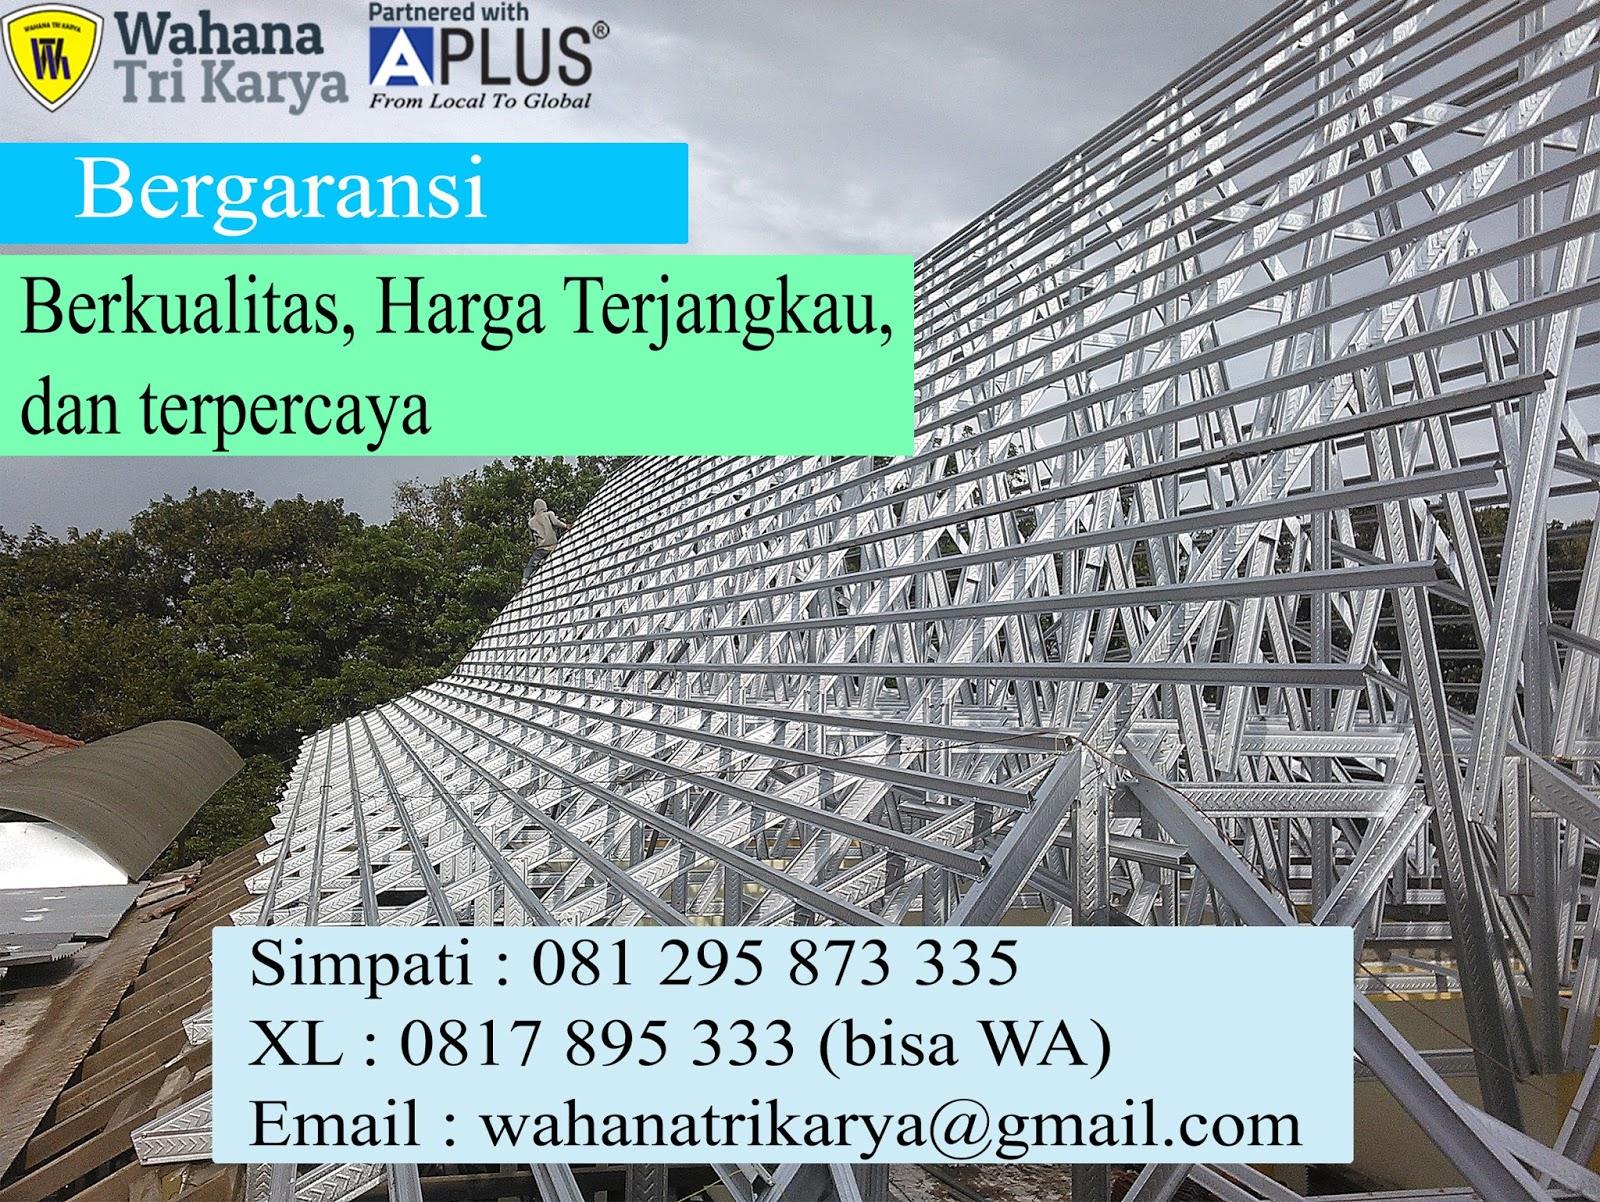 Toko Athiya Gypsum & Baja Ringan Kabupaten Kudus Jawa Tengah Jasa Galvalum Di Malang April 2018